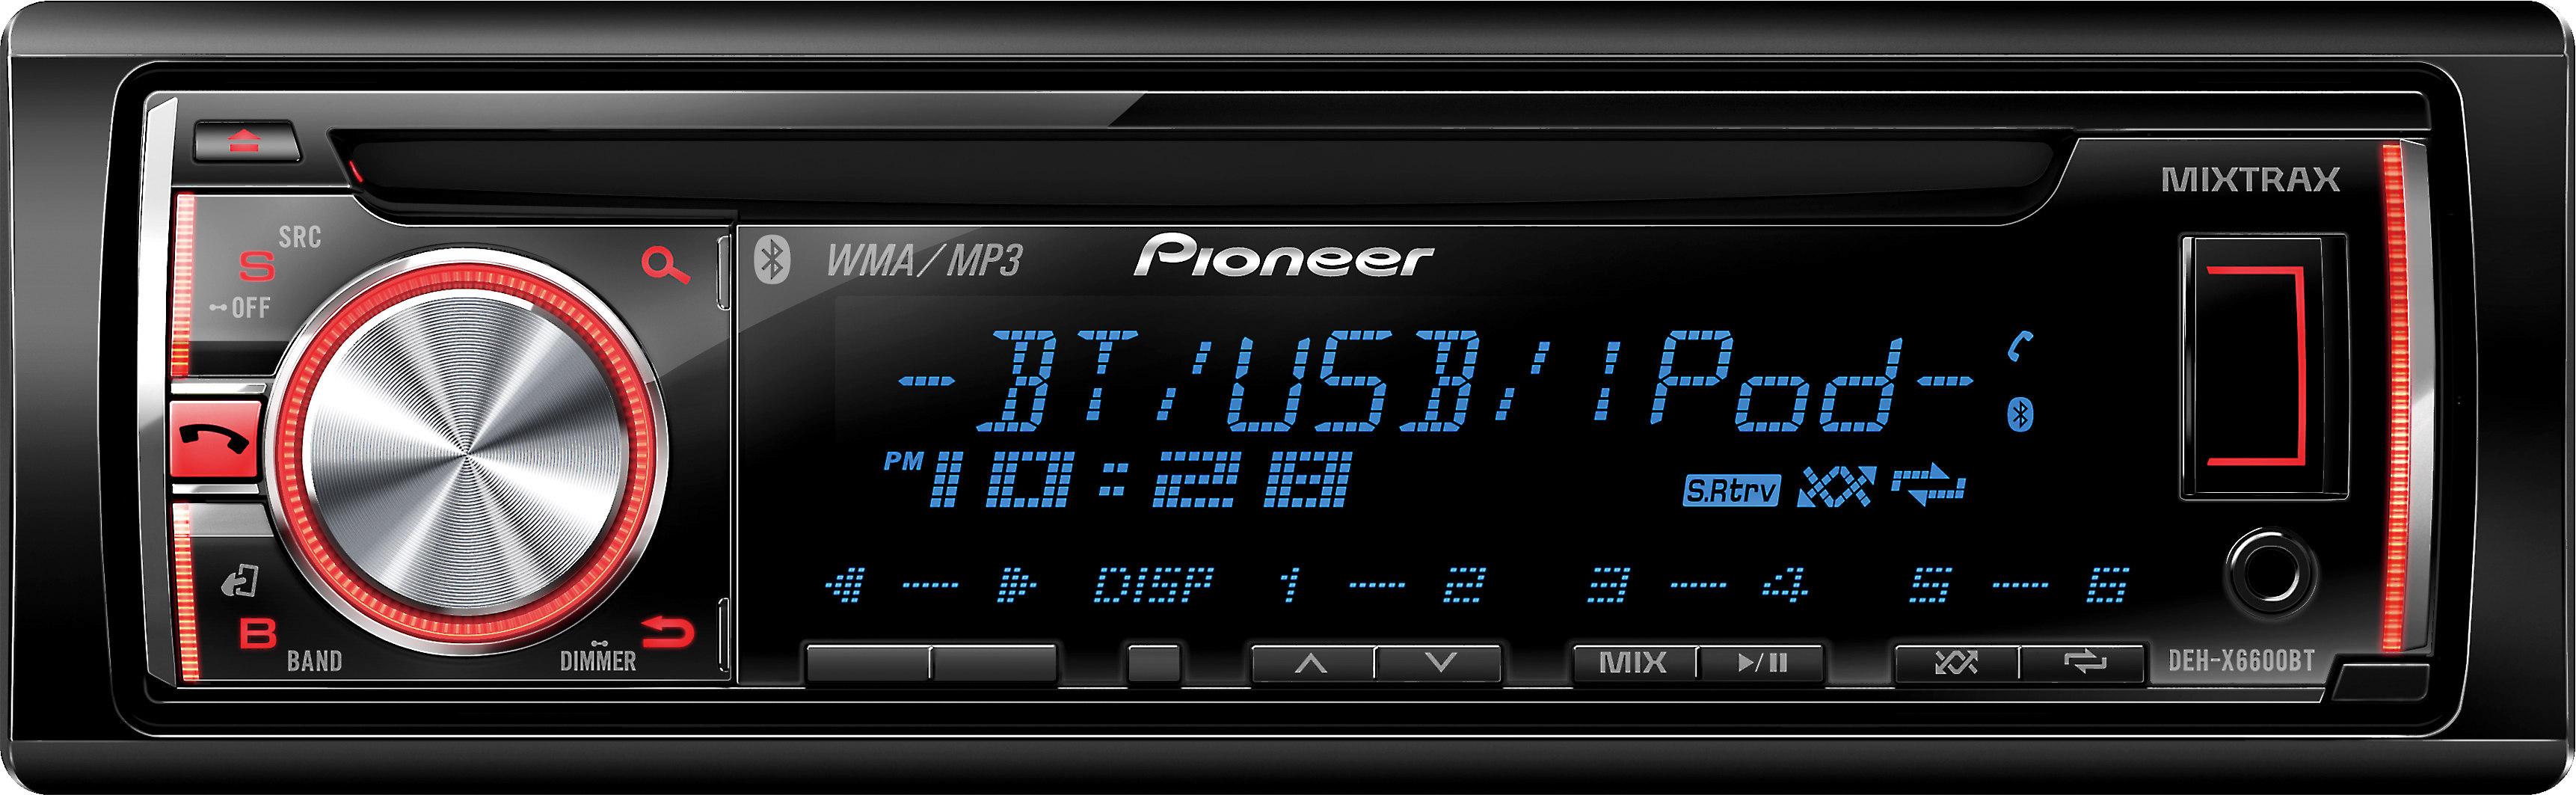 Pioneer Deh X3600ui Wiring Diagram